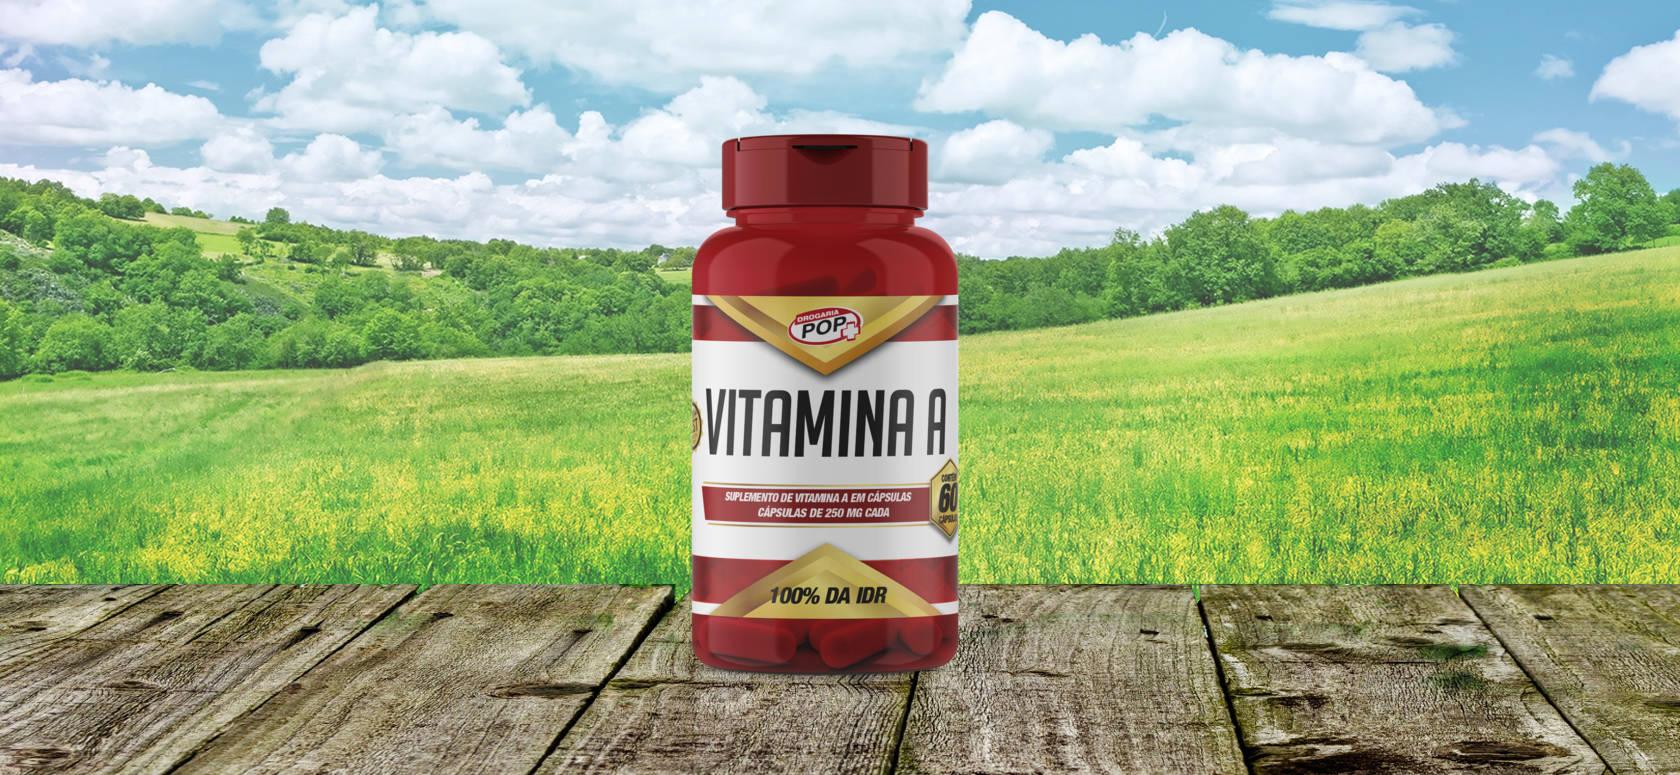 Destaque Landing-Page: Vitamina A